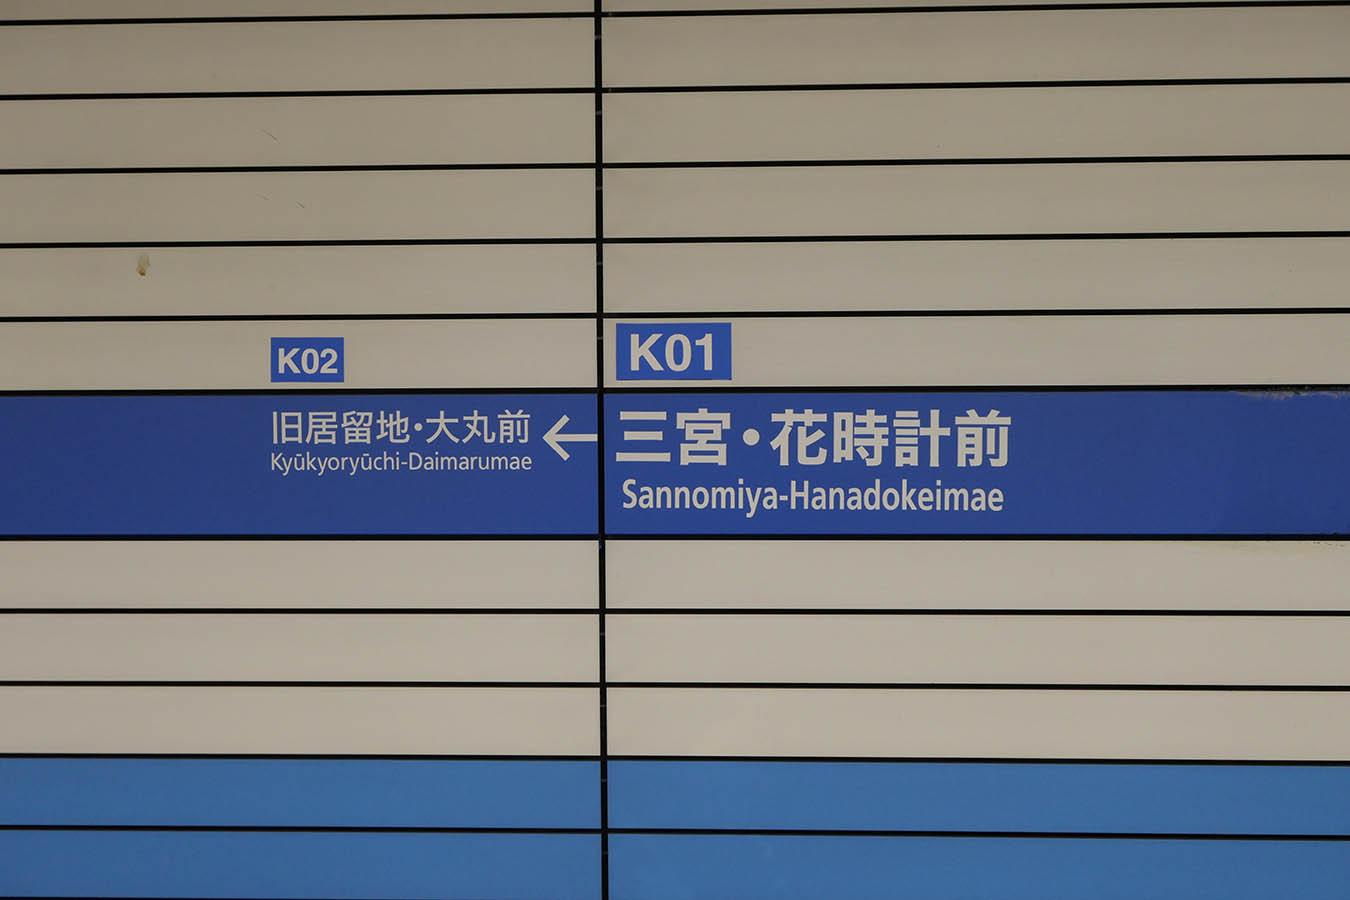 K01_photo05.jpg